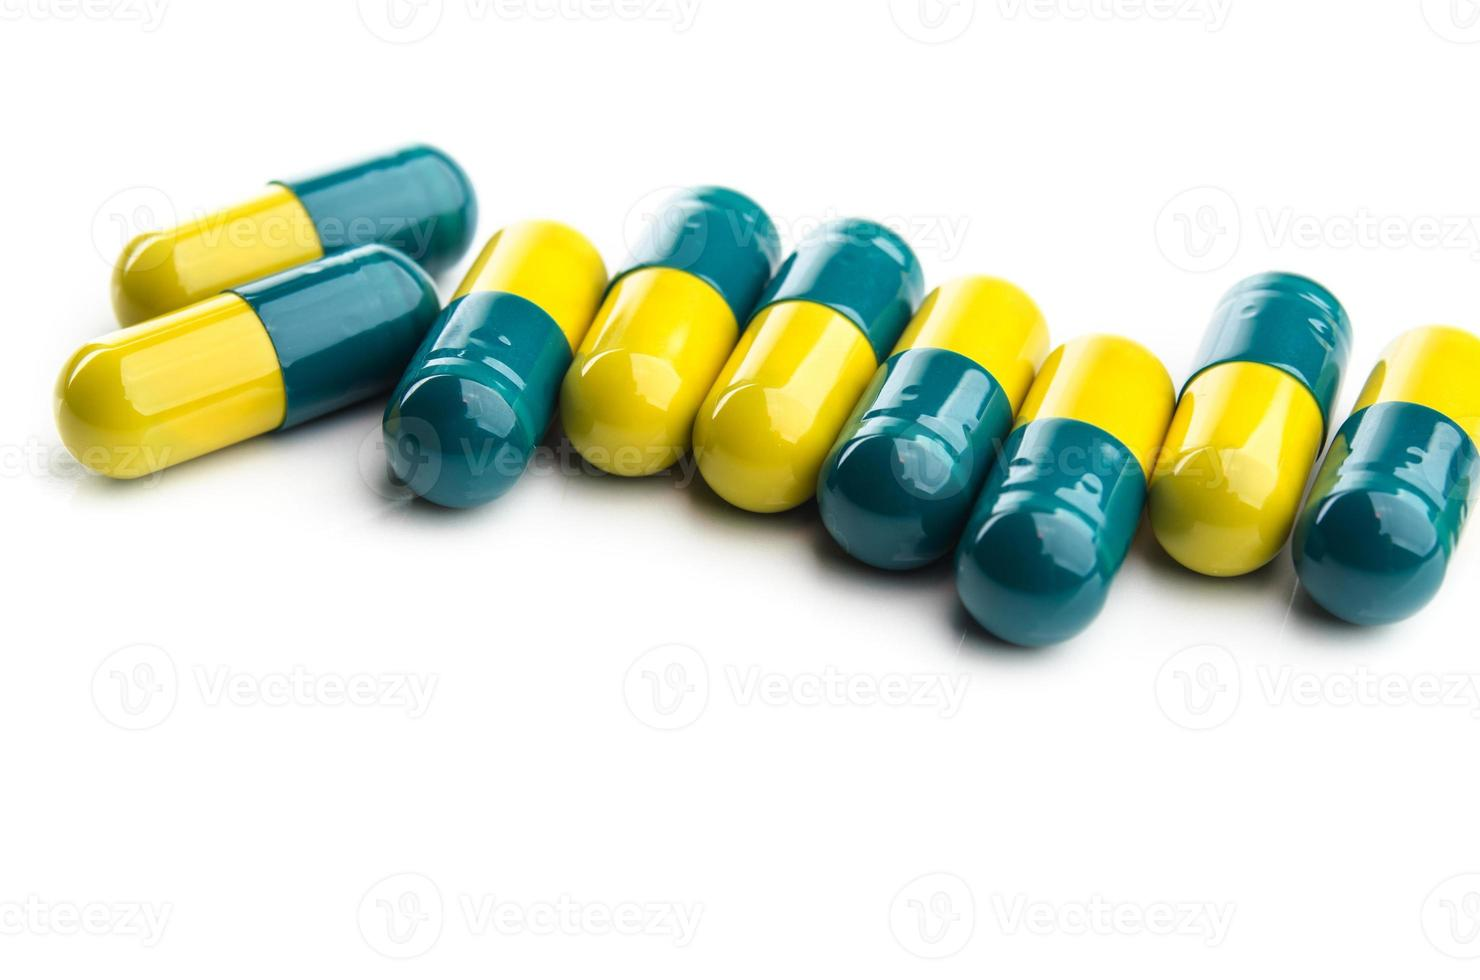 pílulas coloridas isoladas foto